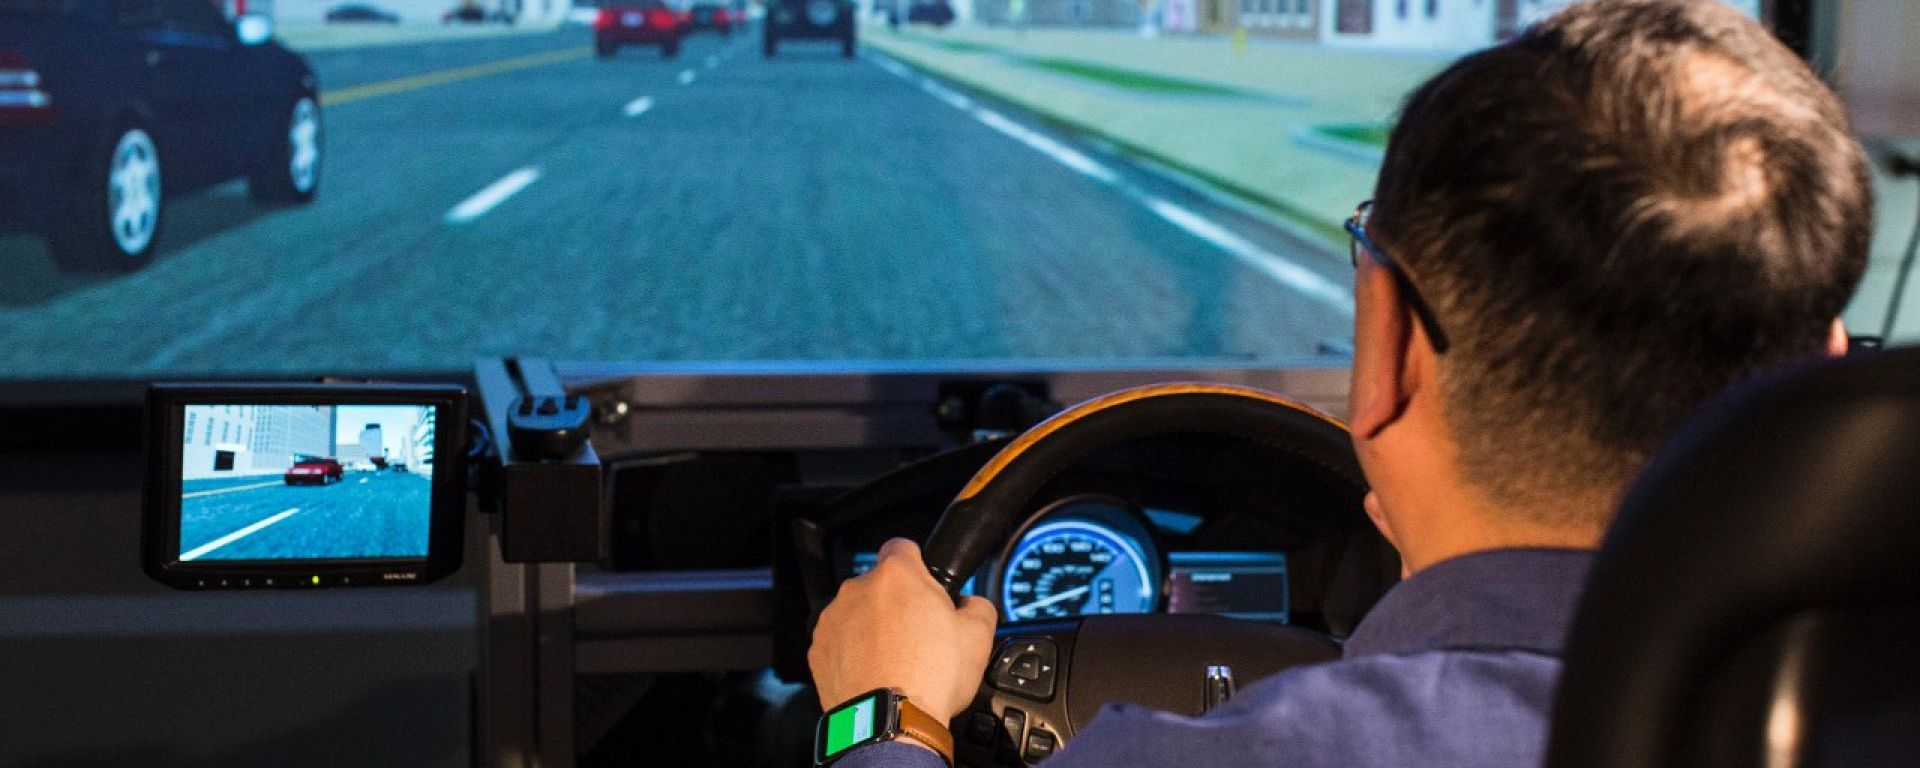 Ford e wearable tech: il programma per la sicurezza e la salute